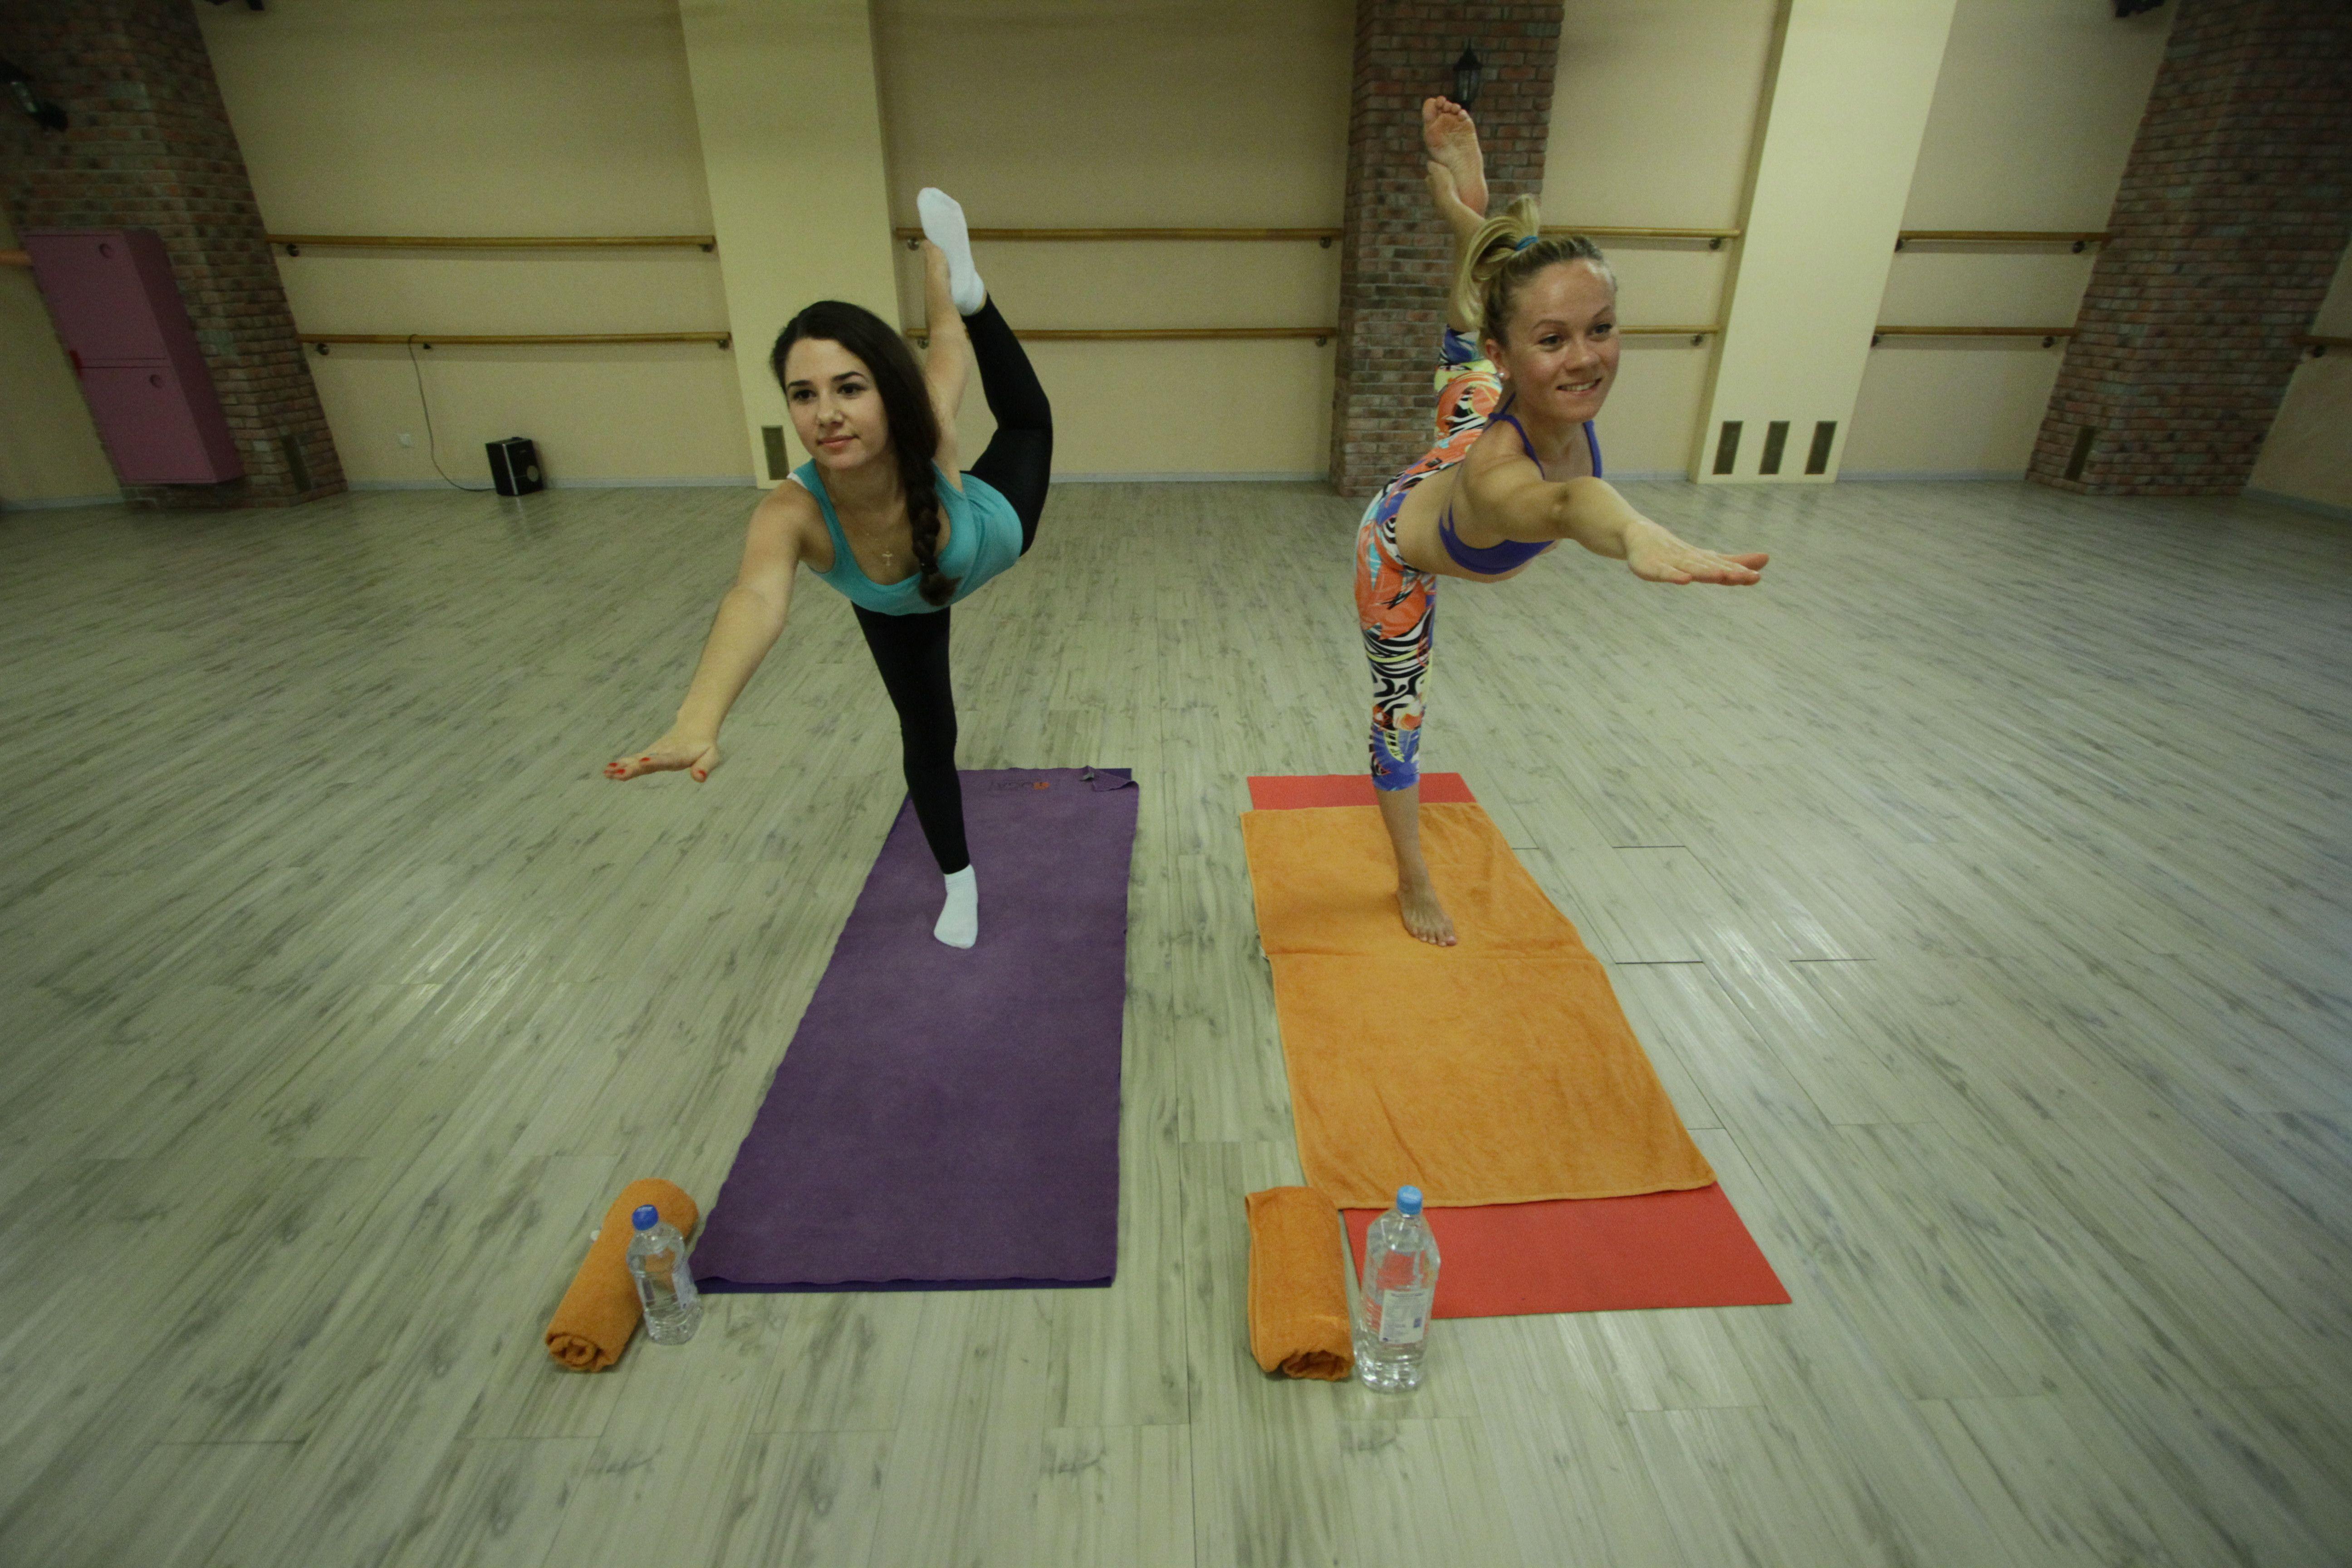 Парки Москвы продлили онлайн-тренировки и мастер-классы